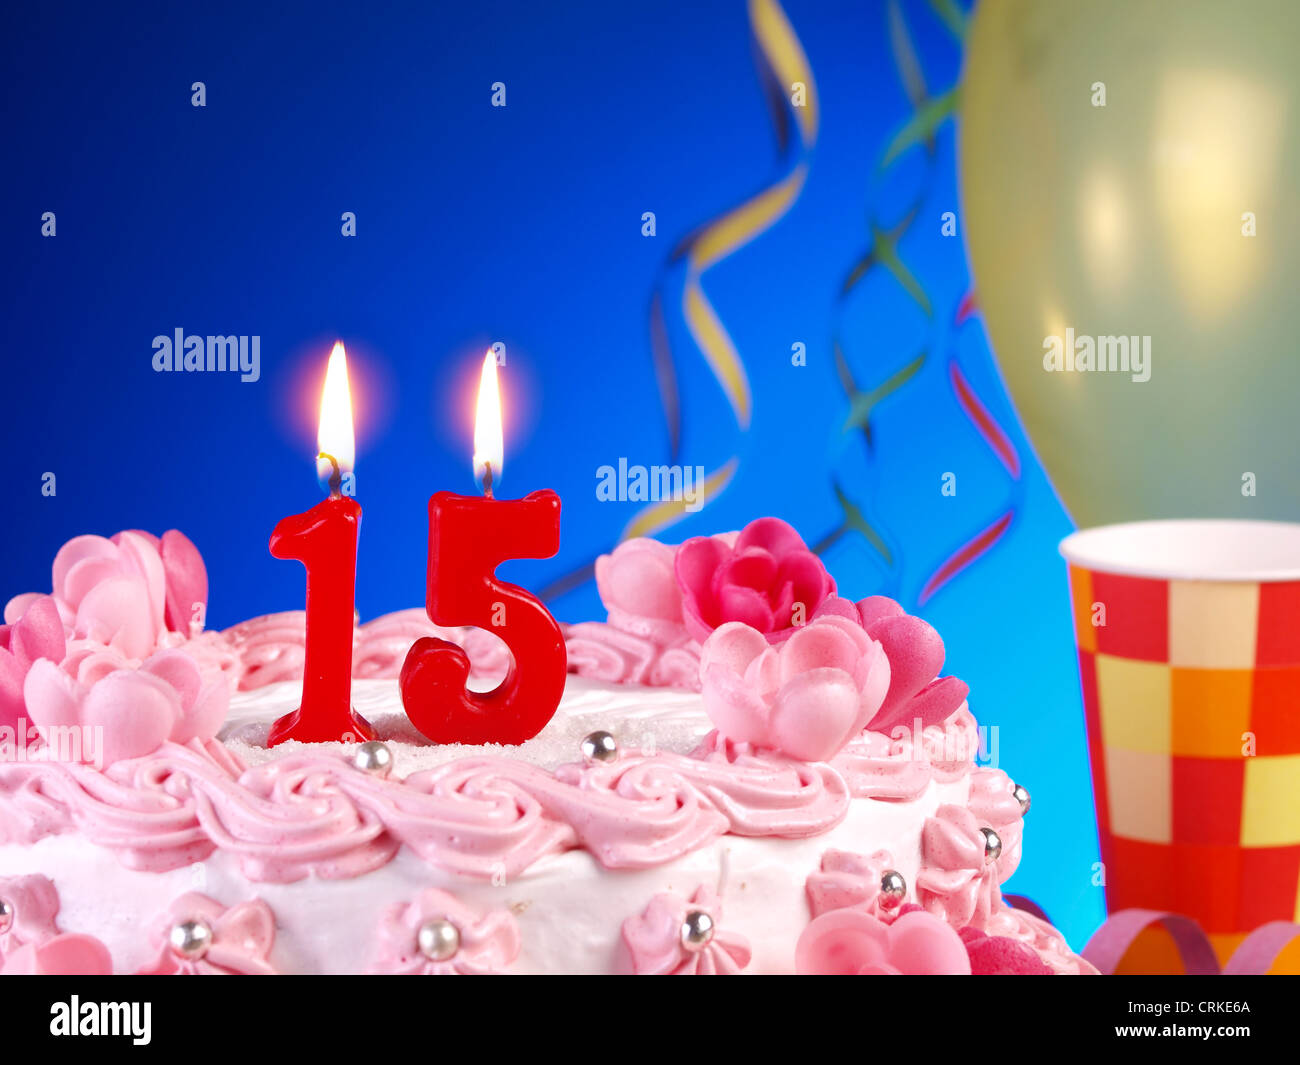 Geburtstag Kuchen Mit Kerzen Zeigen Nr 15 Stockbild